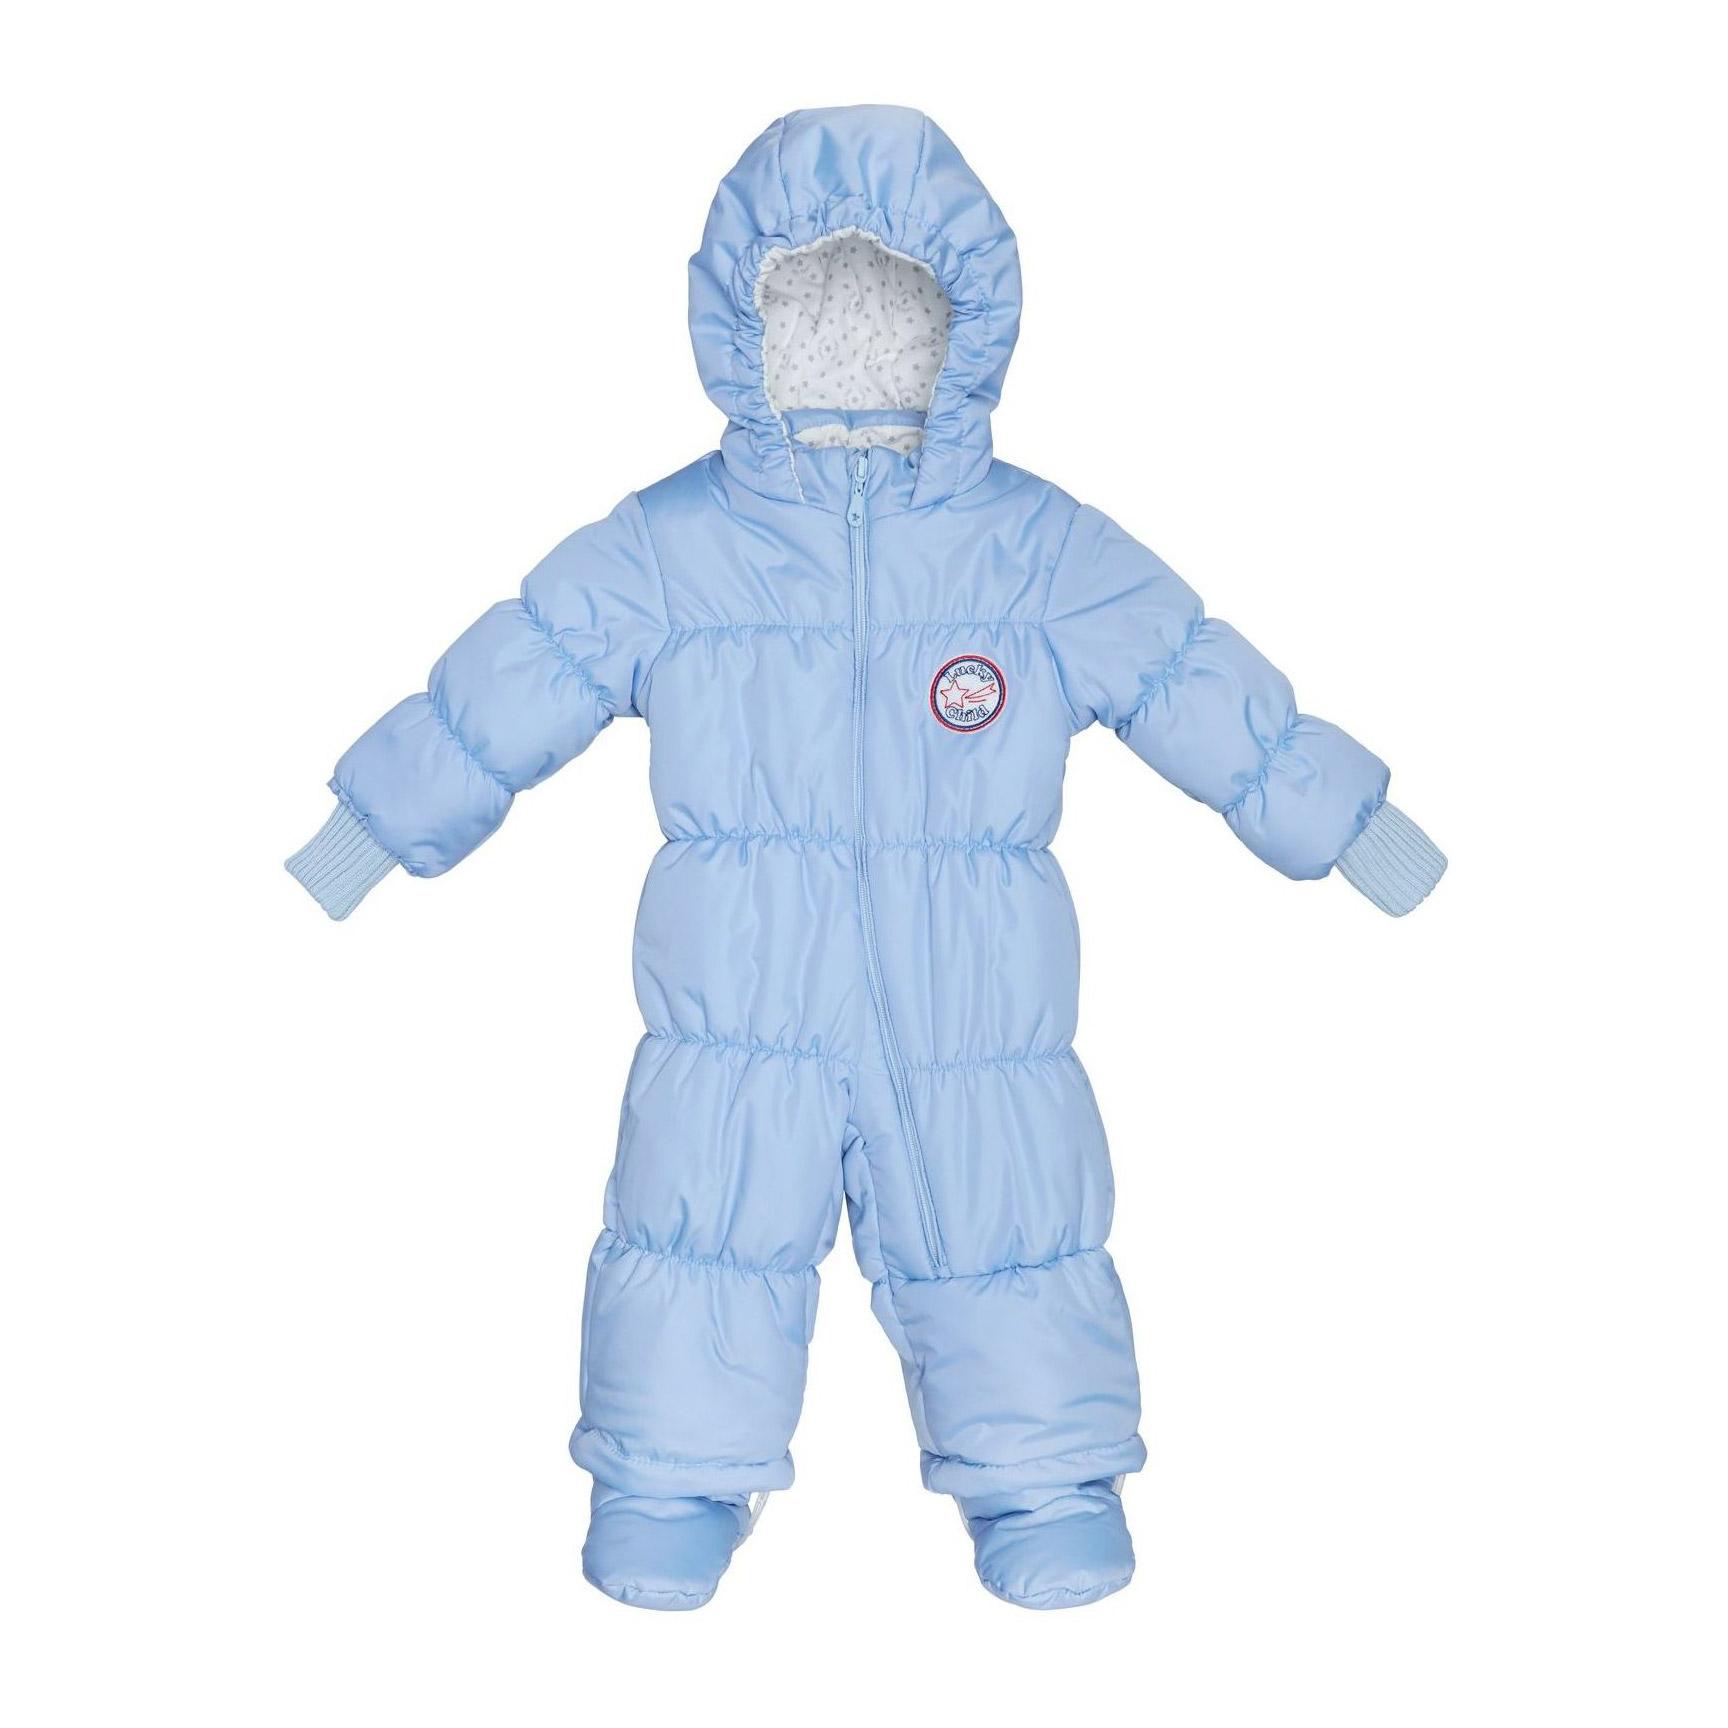 Зимний комбинезон Lucky Child голубой 62-68 зимний комбинезон lucky child молочный 62 68